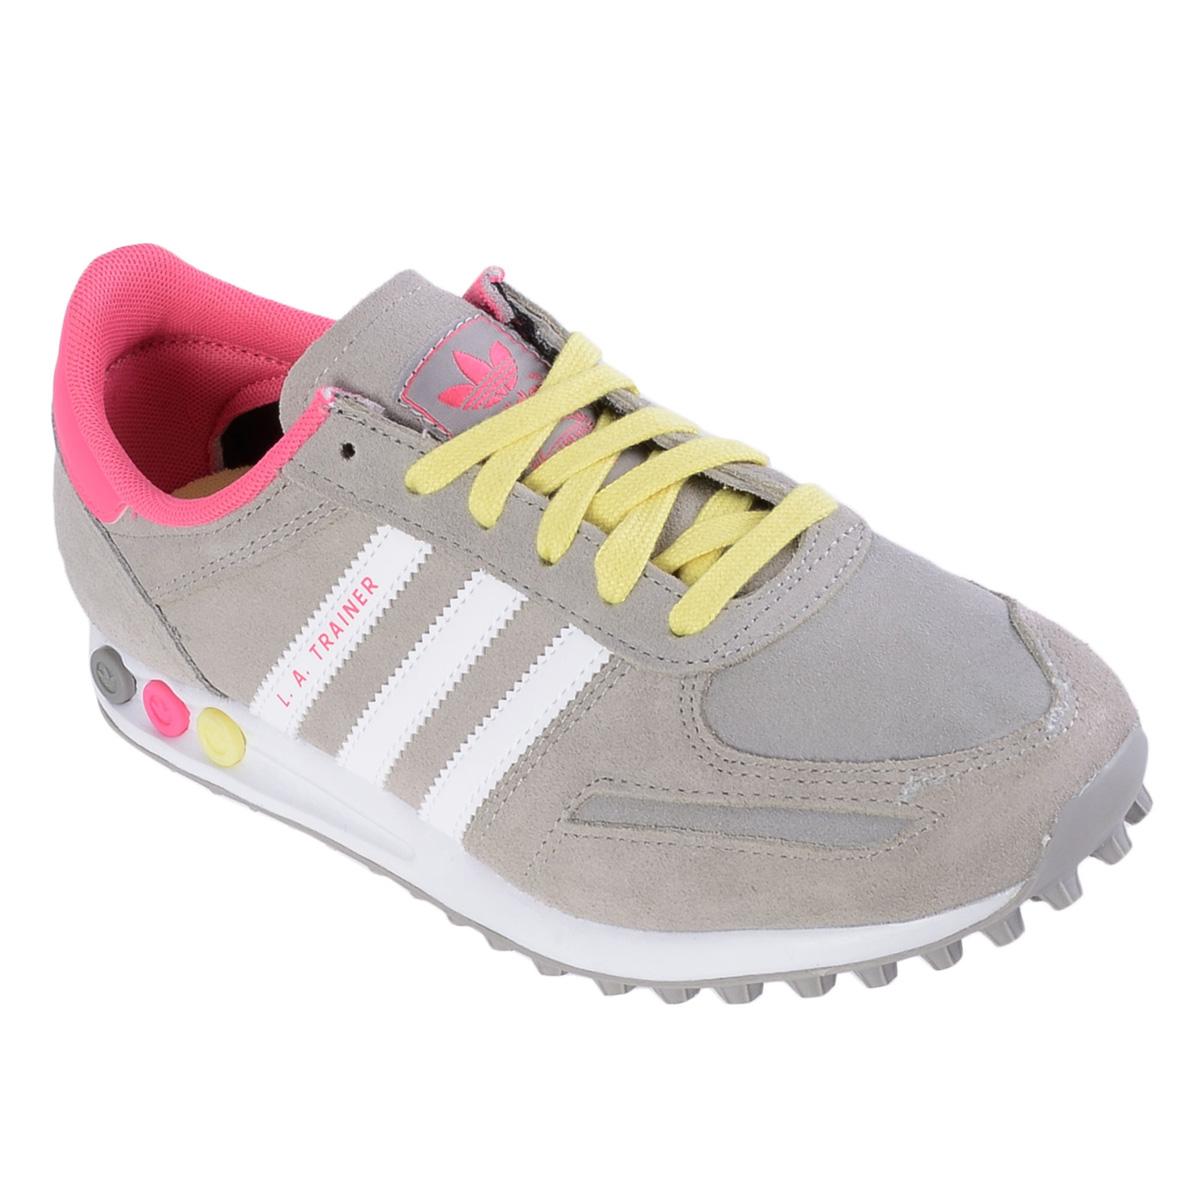 Modello Scarpe Adidas Nuovo Trainer Donne KuTl1c3FJ